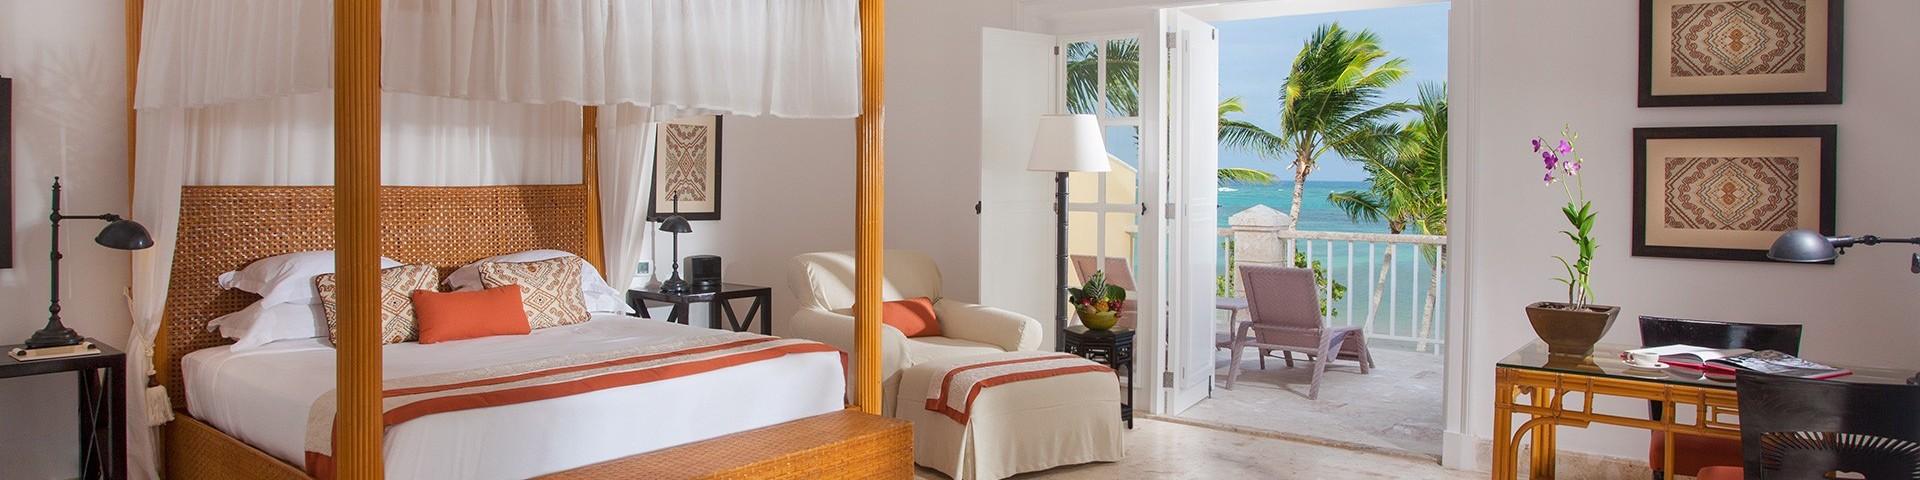 Romantic Caribbean Vacation Tortuga Bay Punta Cana